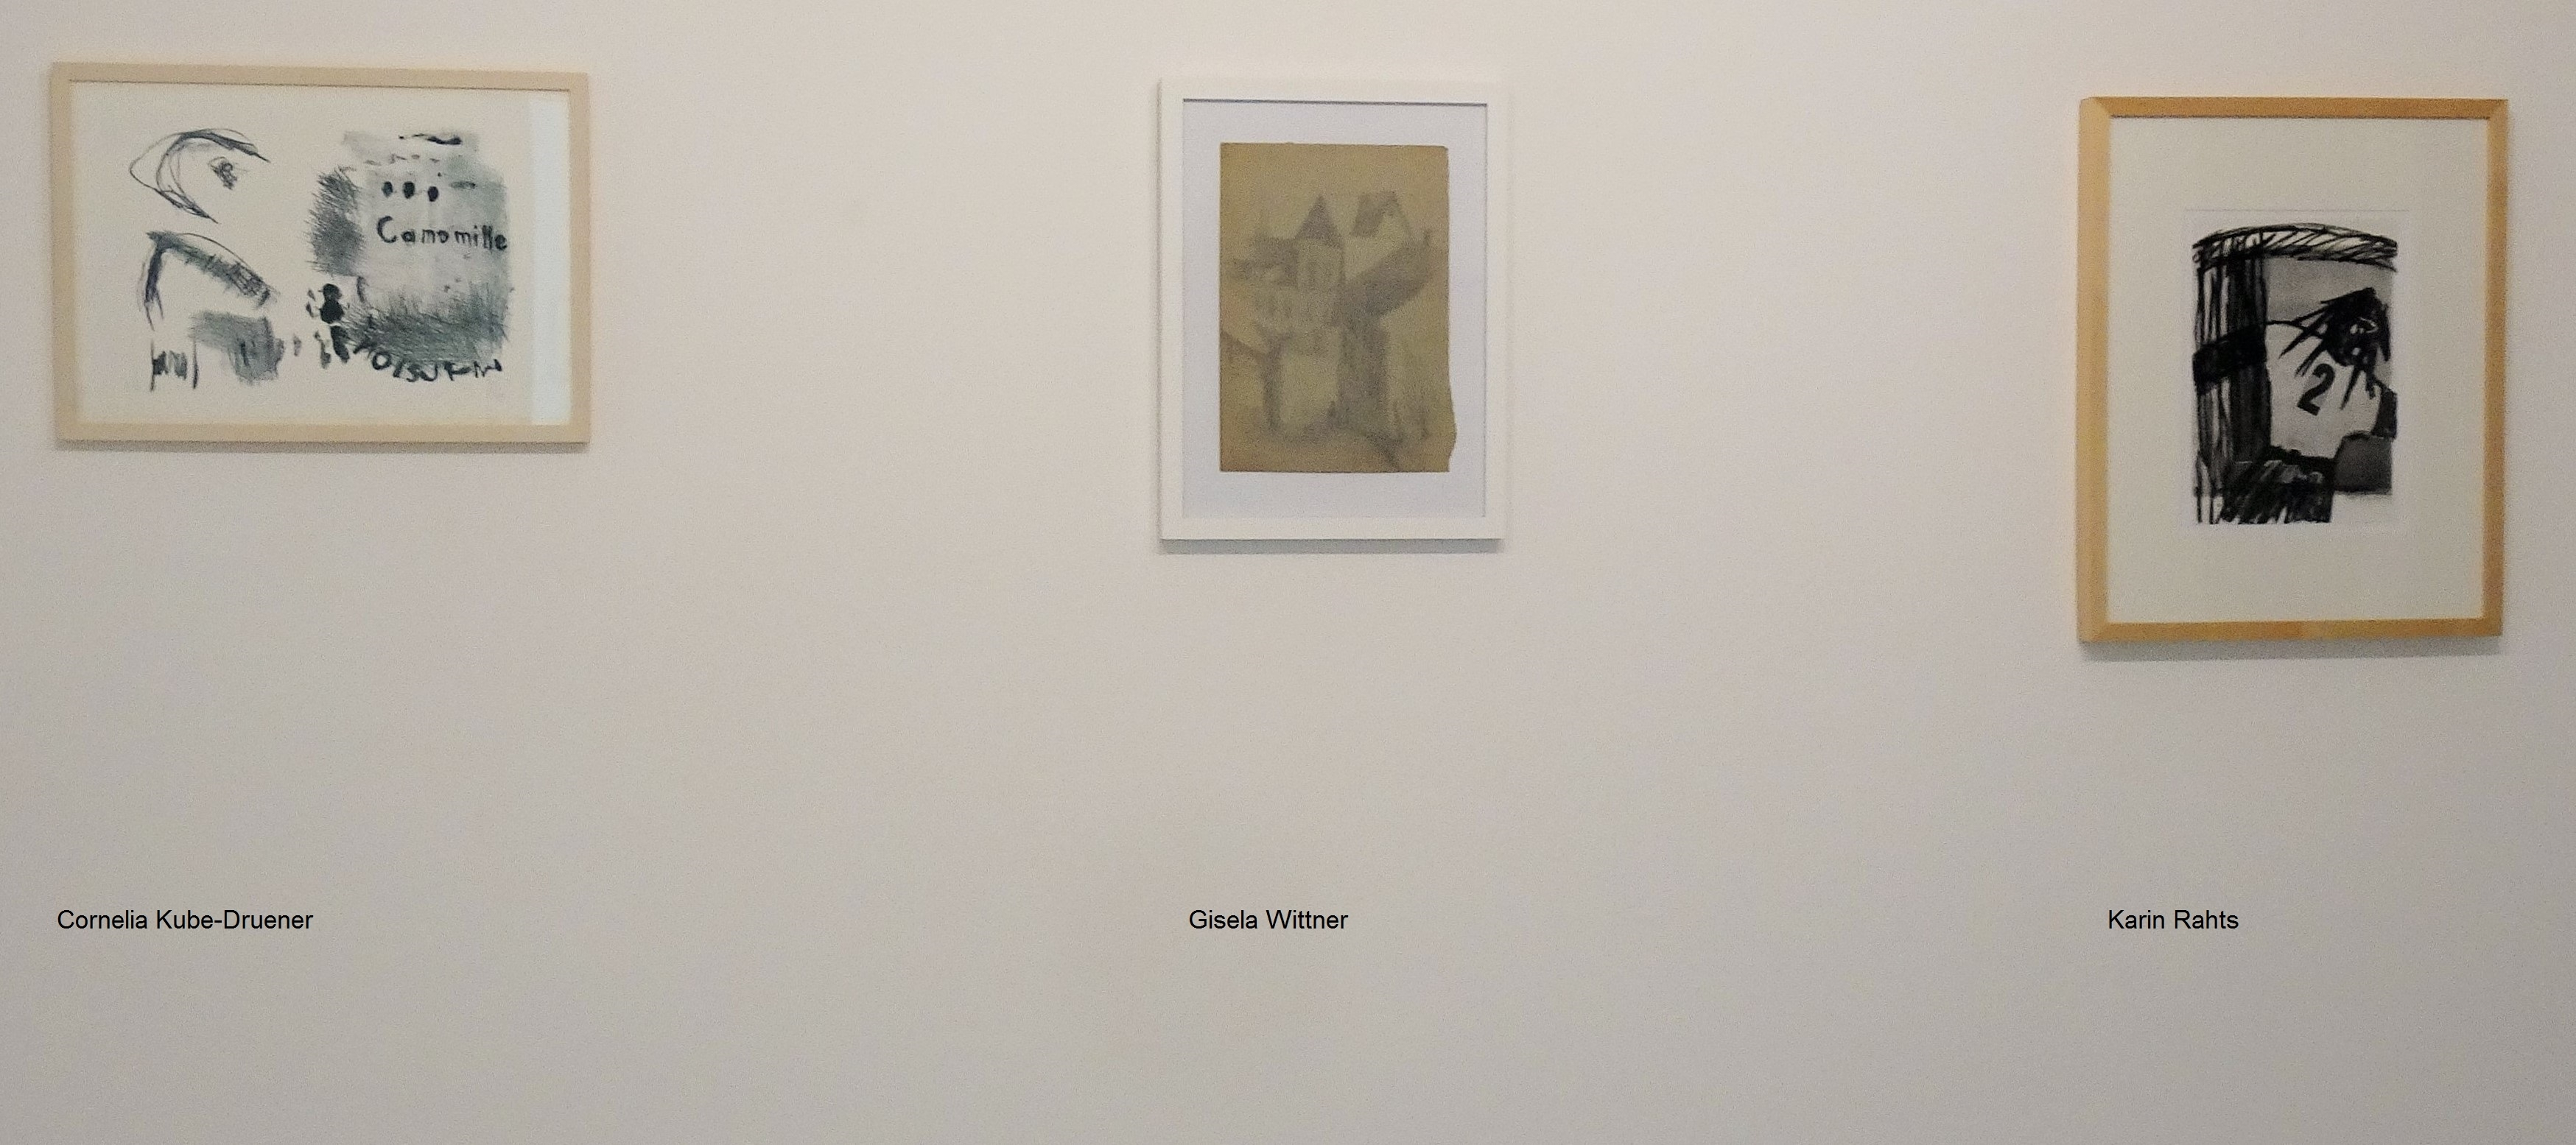 Galerie m50 06